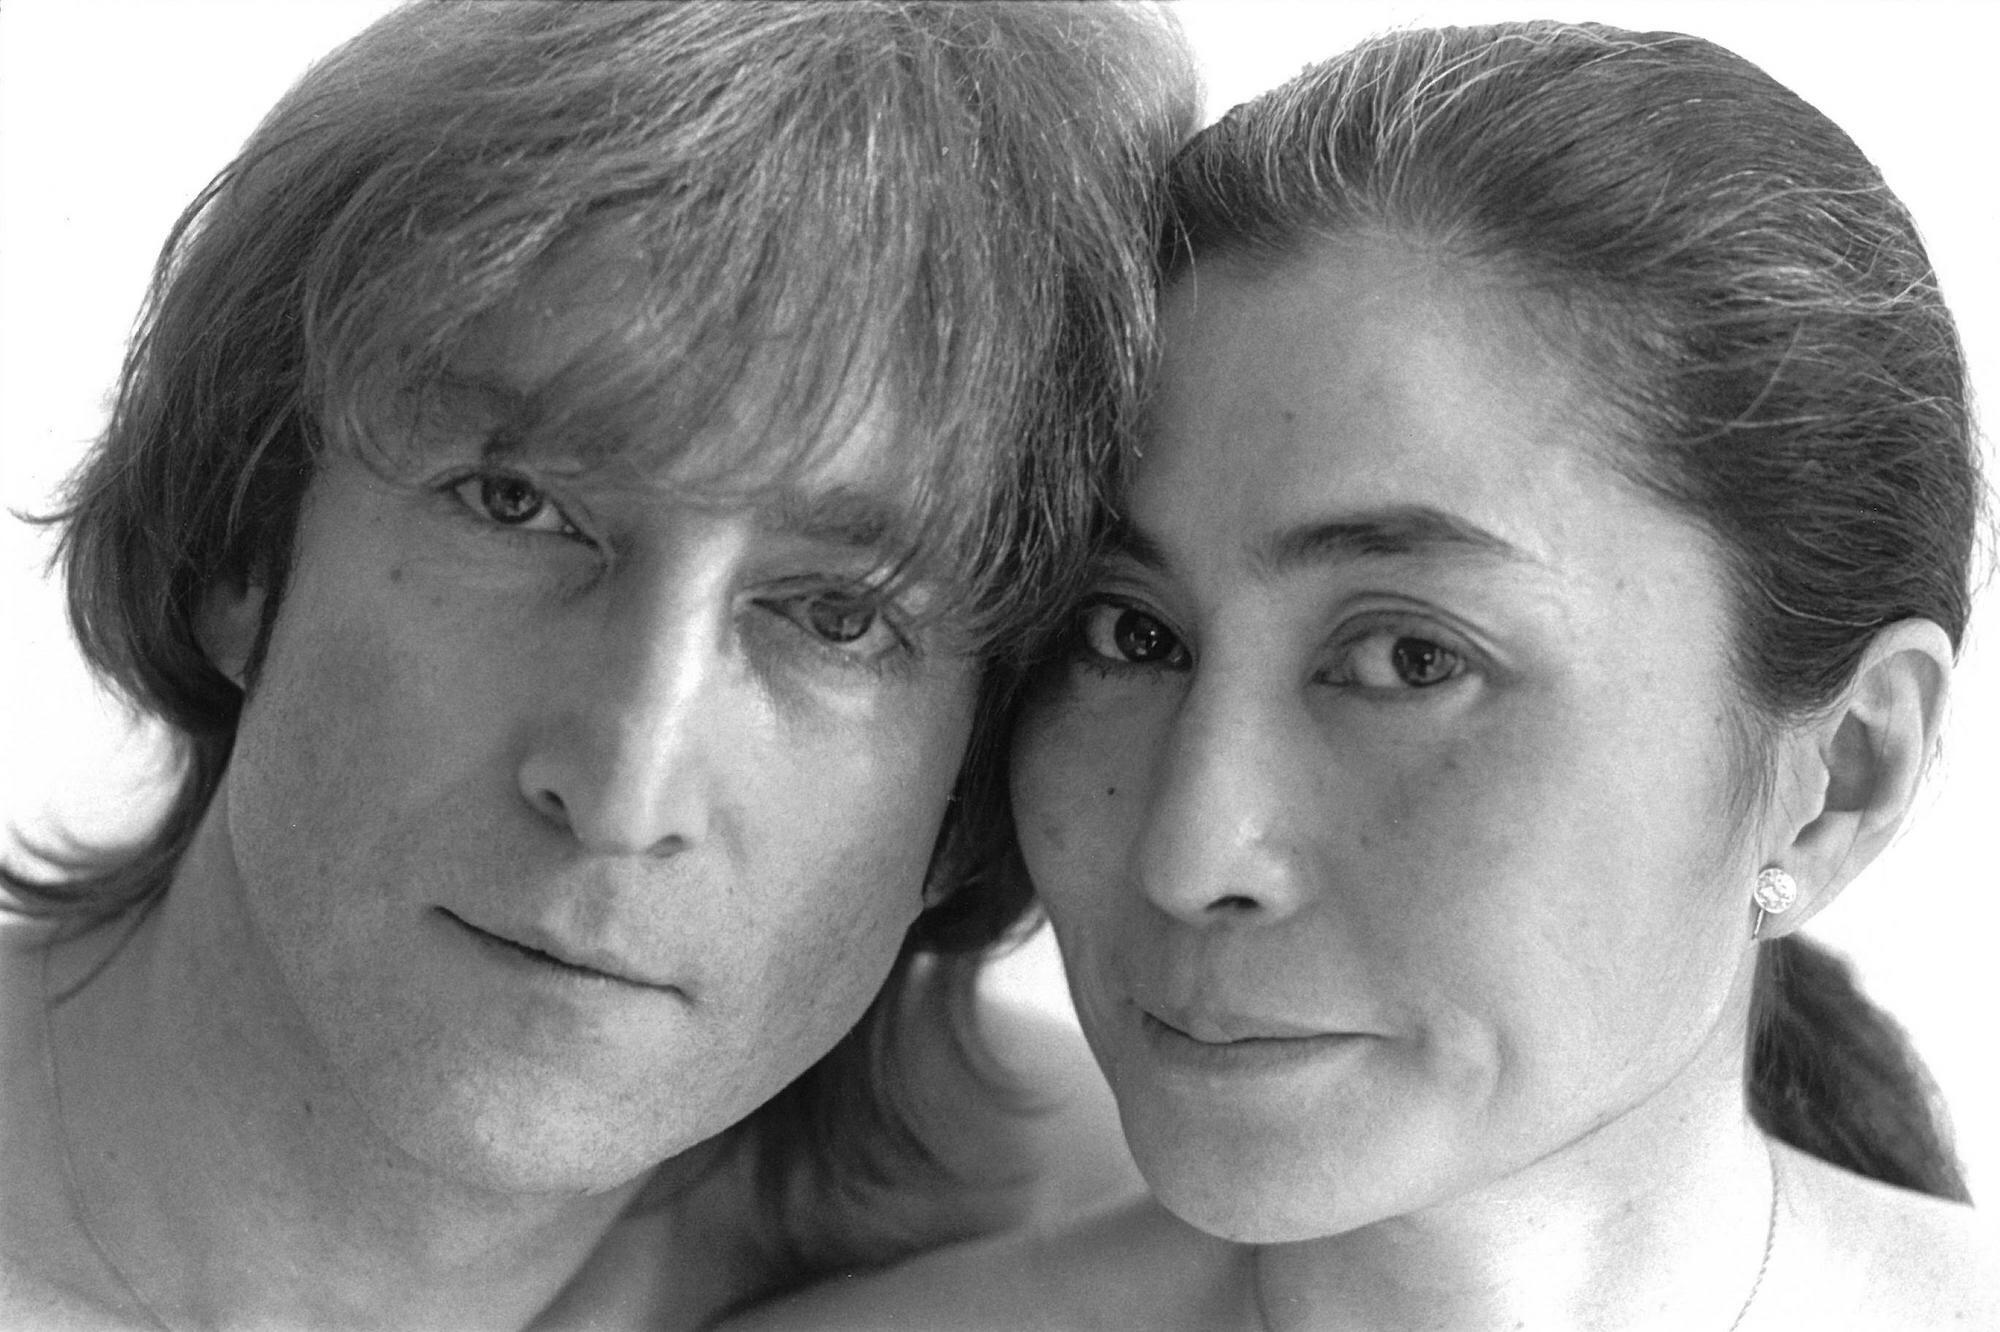 John Lennon and Yoko Ono, 1980